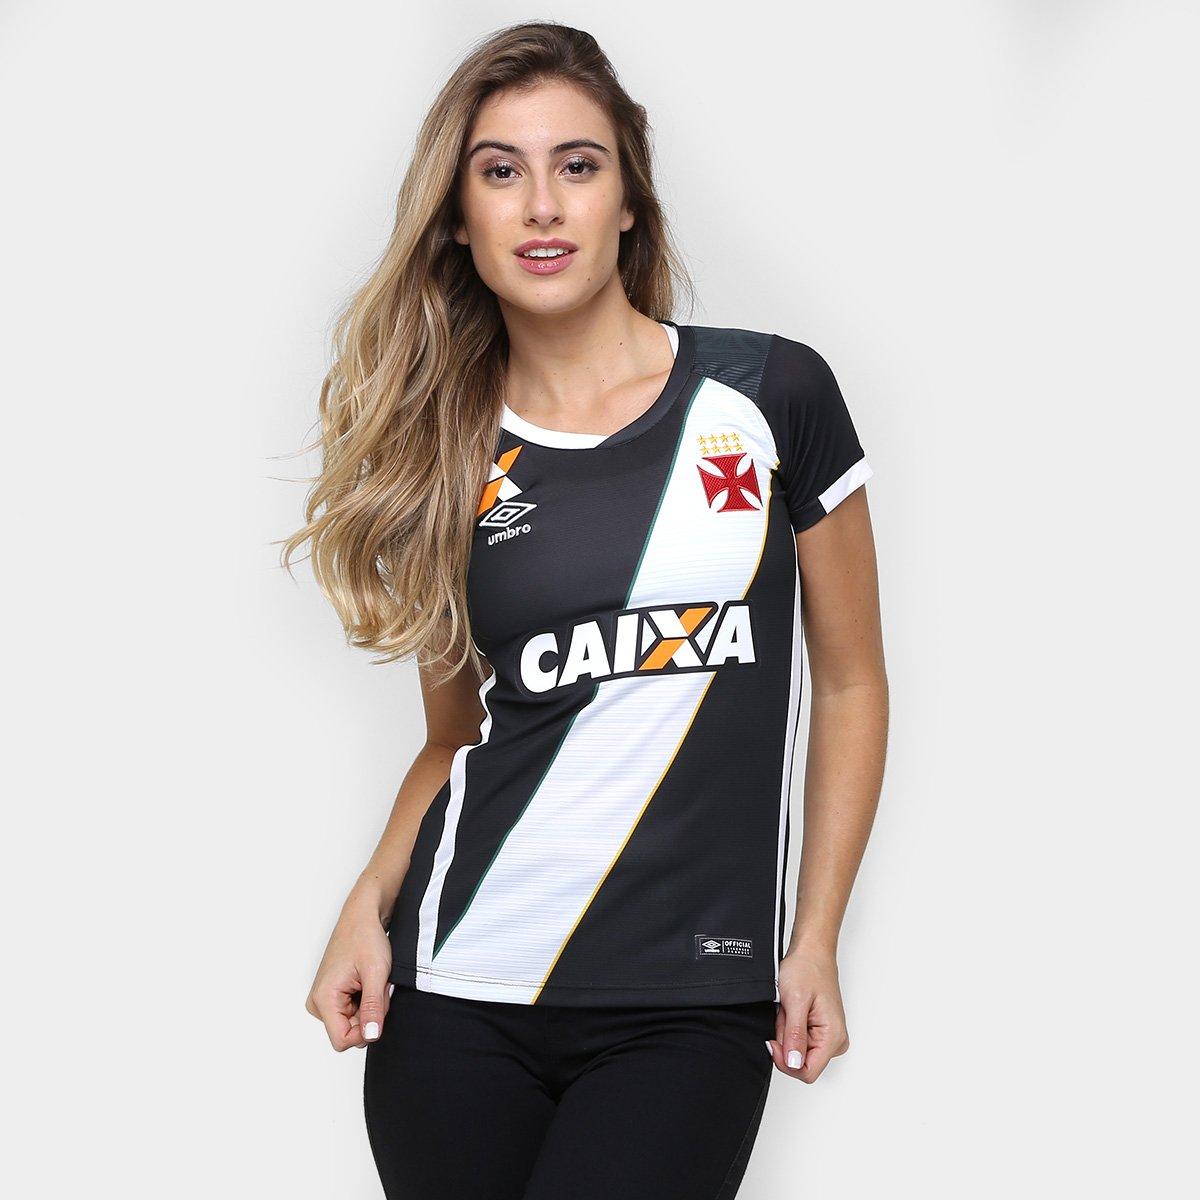 Camisa Feminina Umbro Vasco I 16 17 s nº - Compre Agora  3fc111e5bb3e6